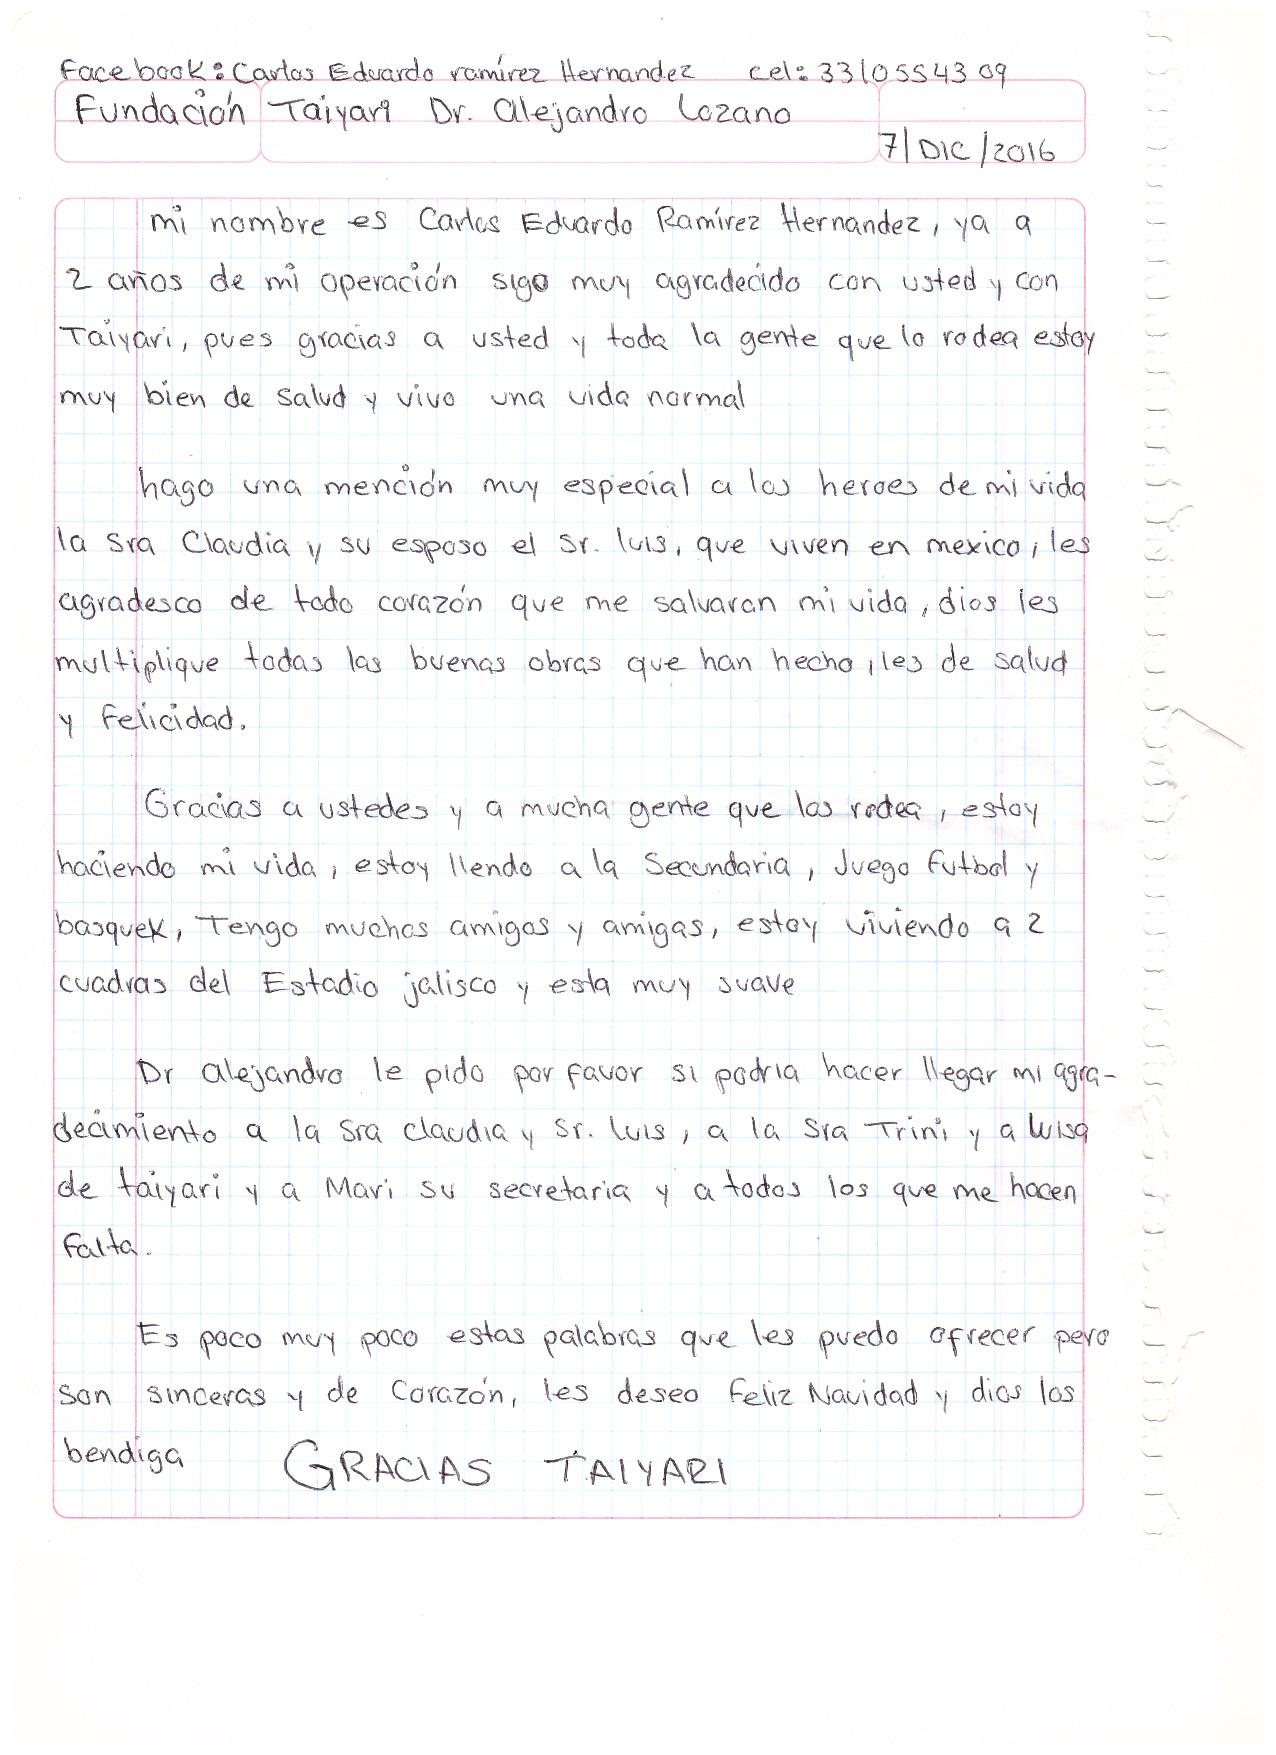 Agradecimiento Carlitos DIC 2016